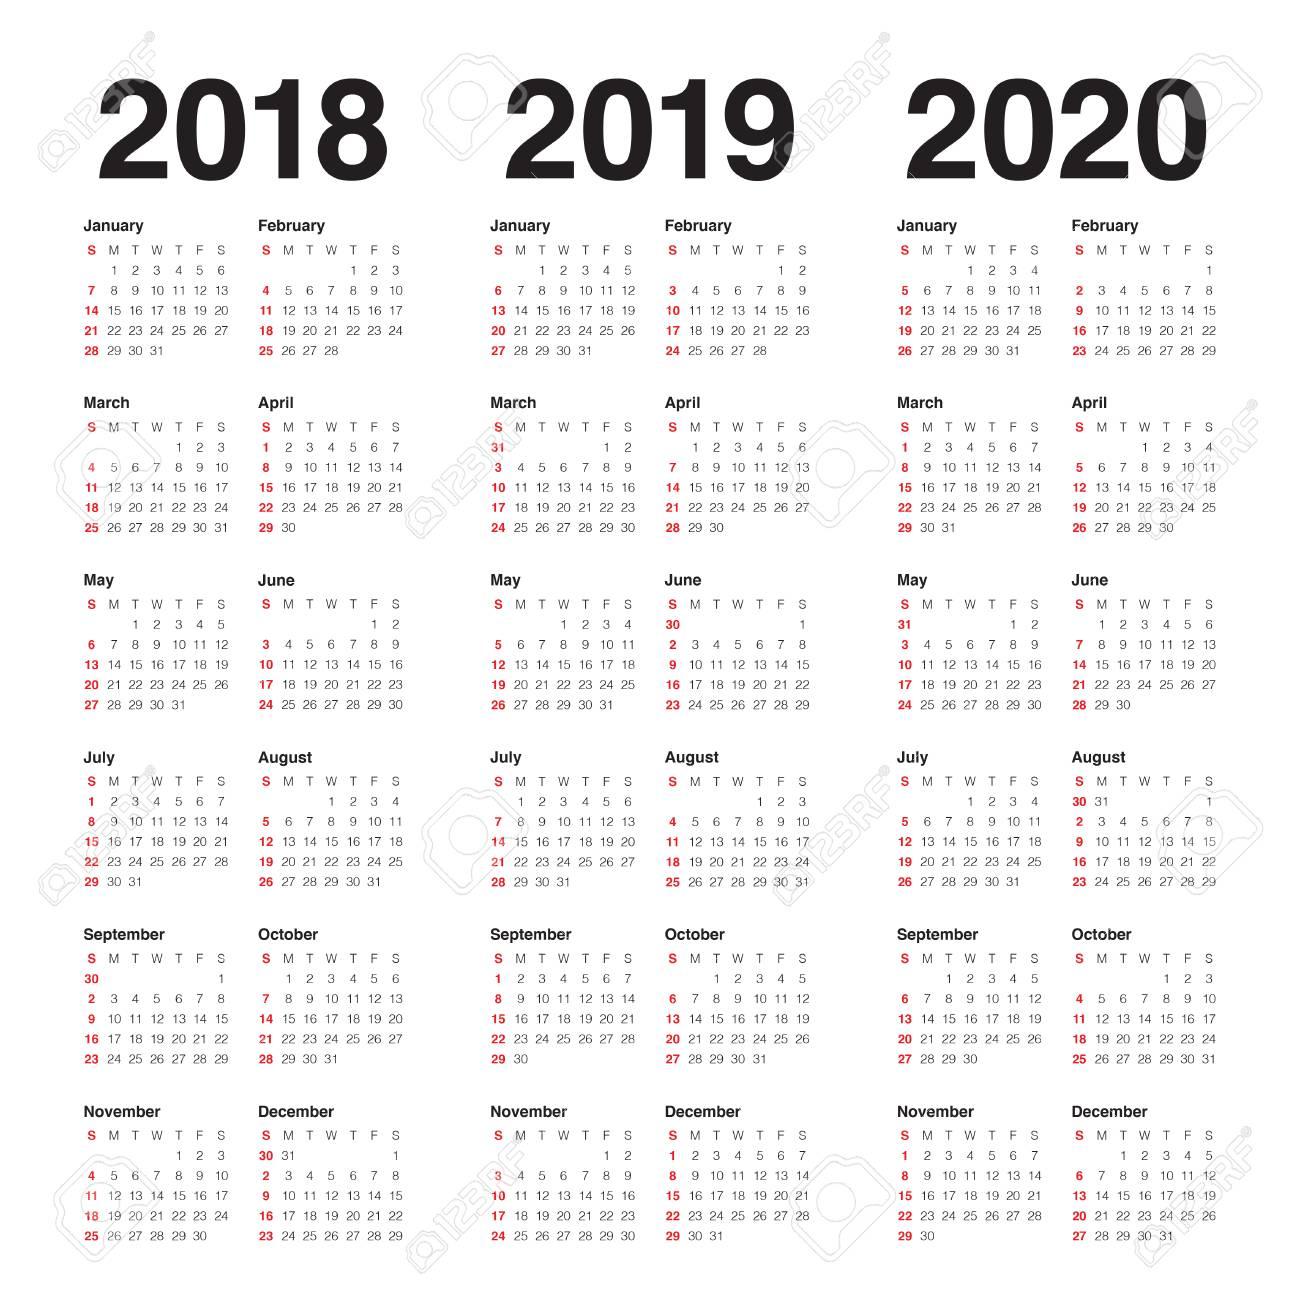 Ano 2020 Calendario.Ano 2018 2019 2020 Calendario Plantilla De Diseno Vectorial Diseno Sencillo Y Limpio